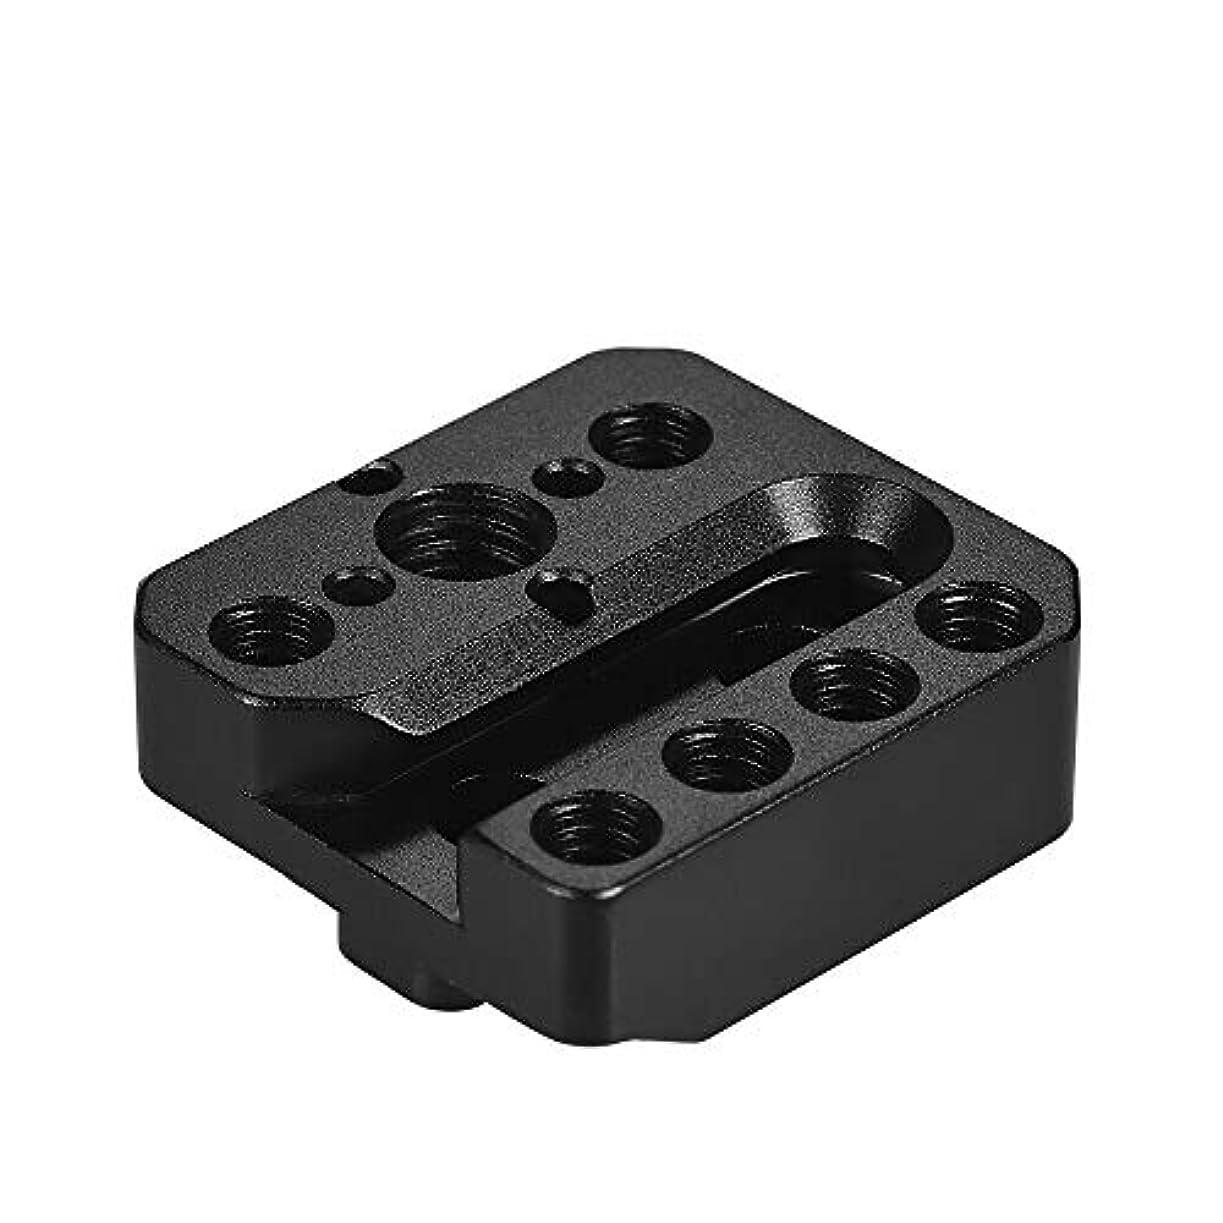 輝く豪華な副Camera Tripod DJI RONIN/RONIN-S用のクイックリリースプレート外部マウントホルダーを簡単にインストールします